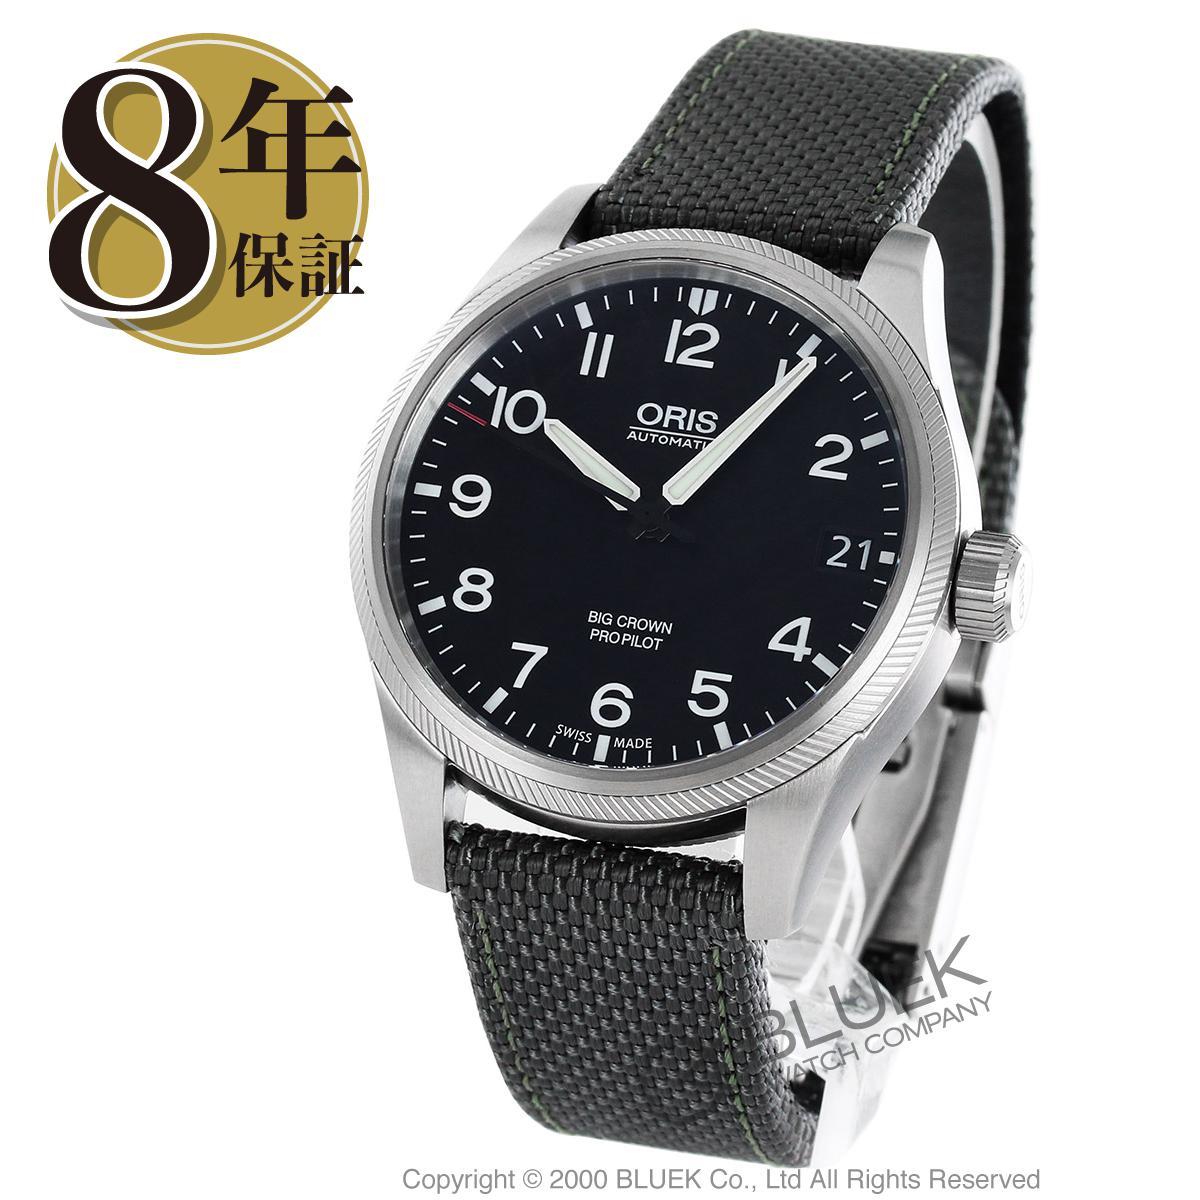 オリス ビッグクラウン 腕時計 メンズ ORIS 751 7697 4164DGY_8